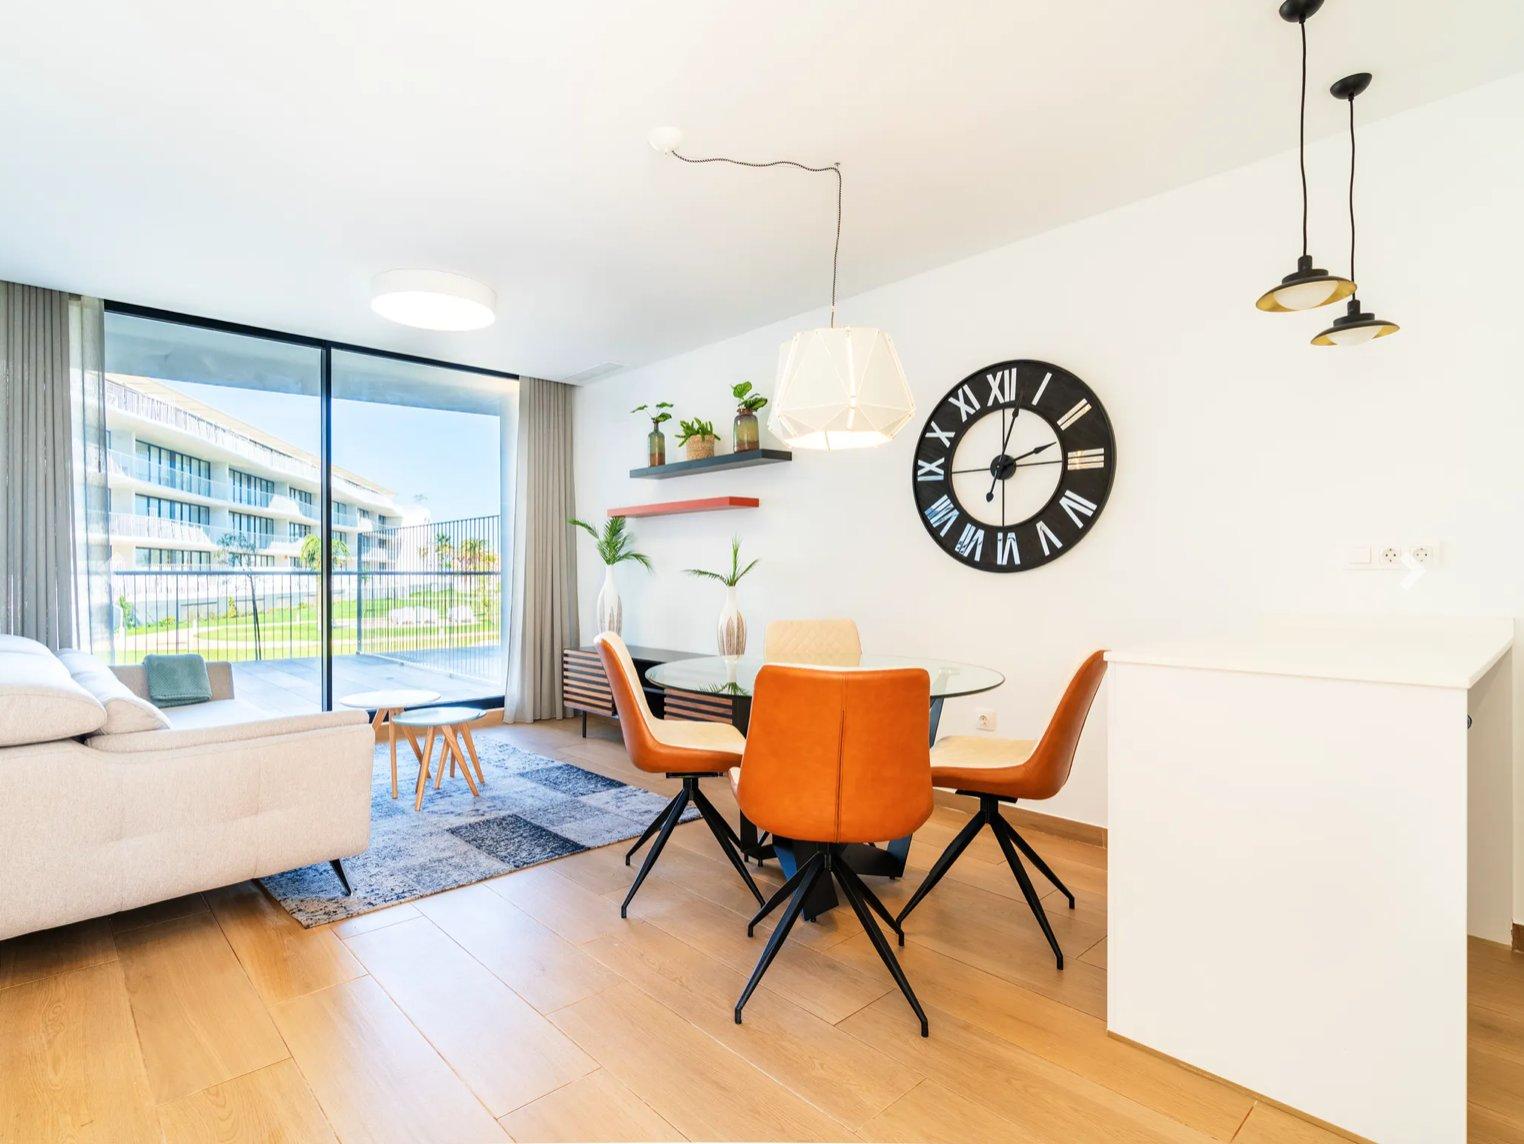 Appartement met 3 slaapkamers in nieuw complex